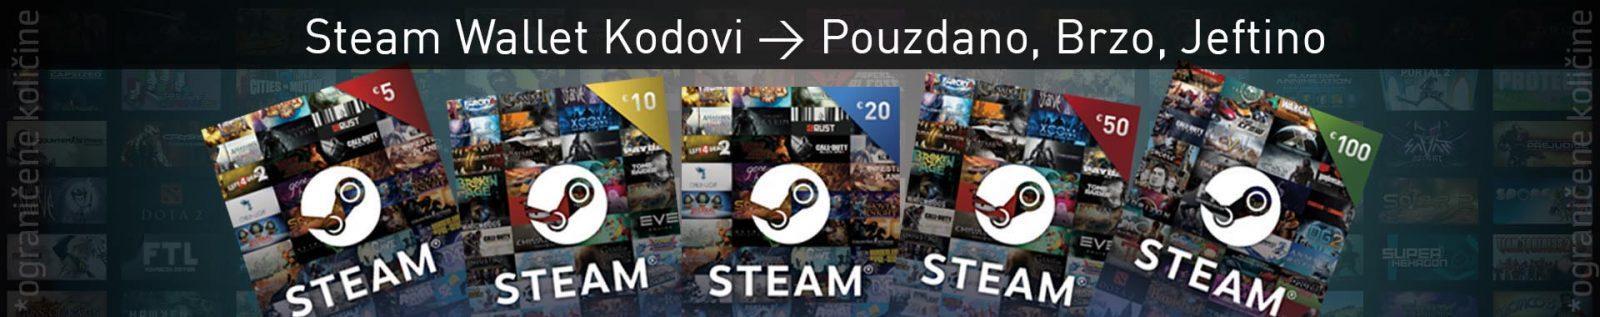 Steam Wallet Kodovi Cena Srbija Prodaja Gift Card Kartice